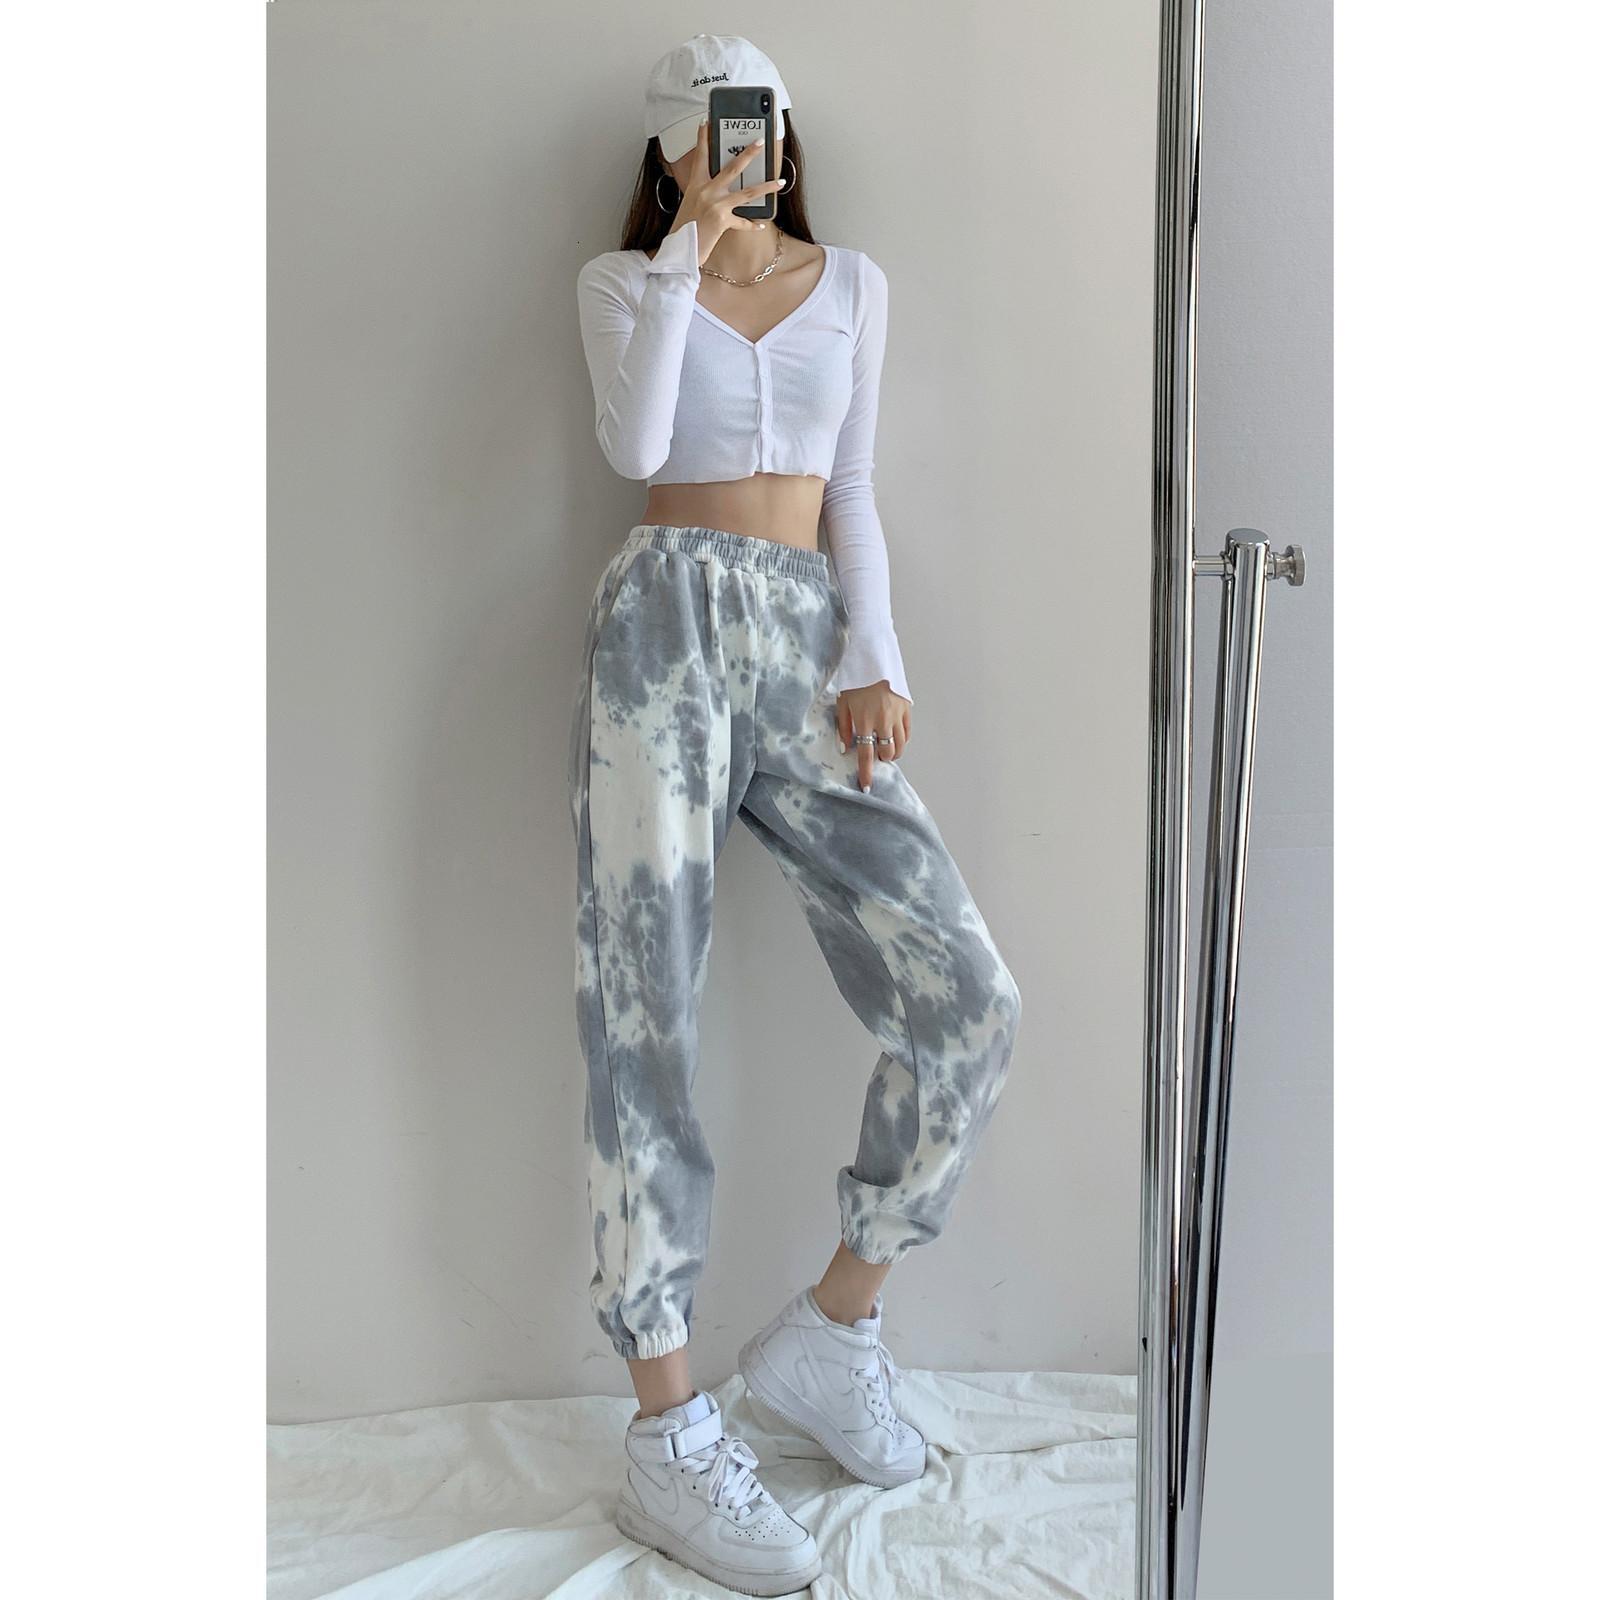 2021 Neue Frauen Europäische amerikanische Sweat-Tie-gefärbte Herbst- und Winter-elastische Taillenhose auf 831N